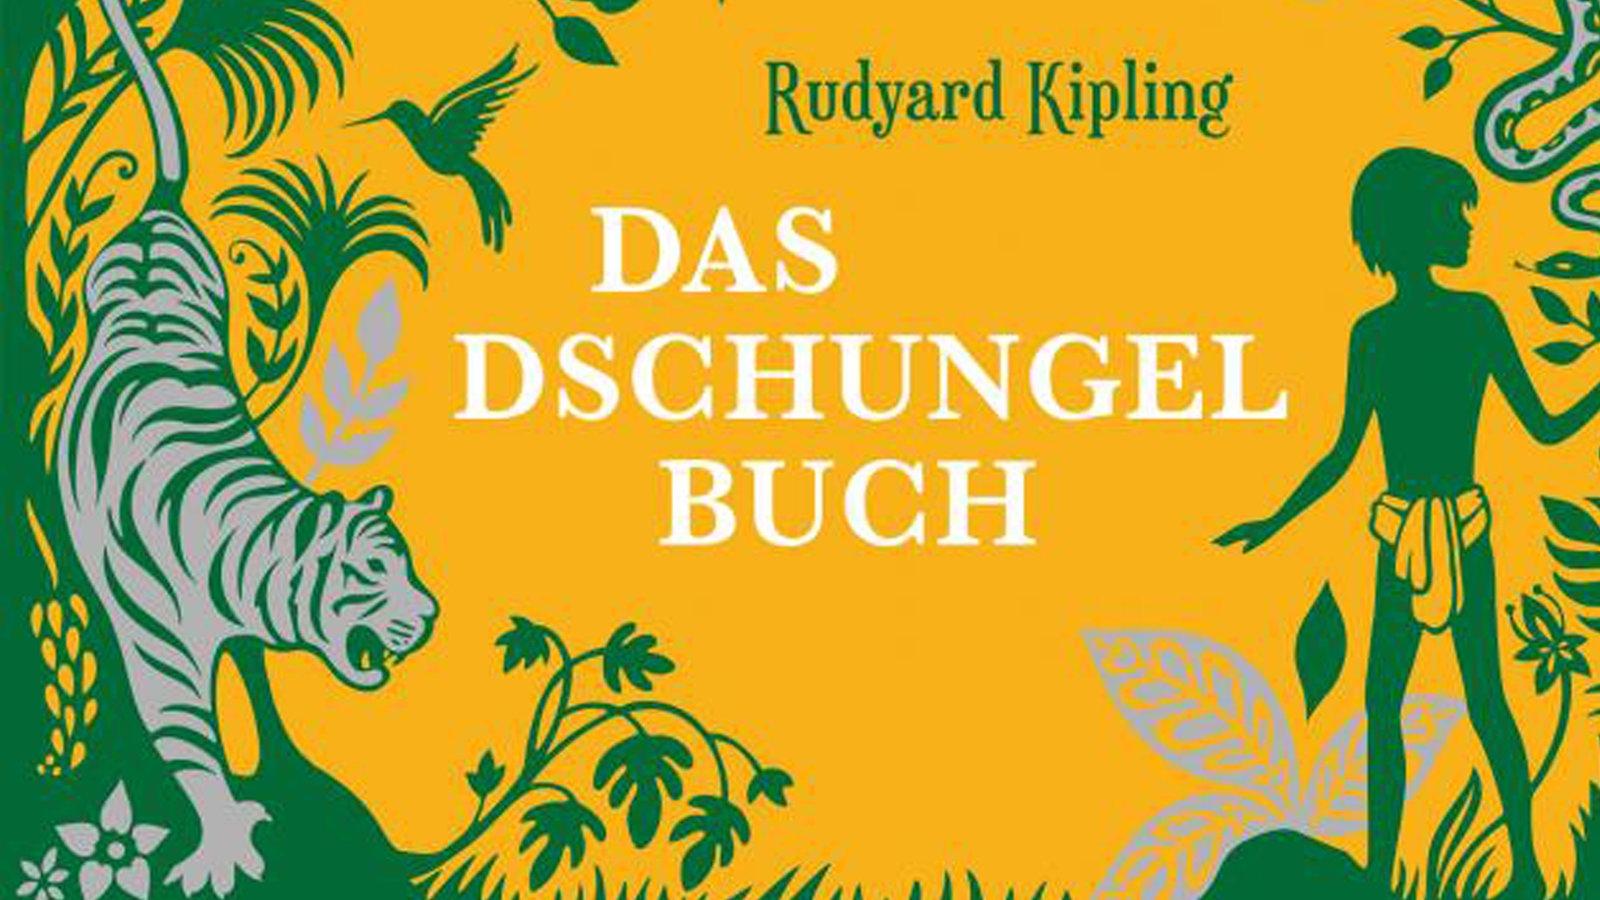 Das Dschungelbuch - Hörspiel Gratis Klassiker nach Rudyard Kipling